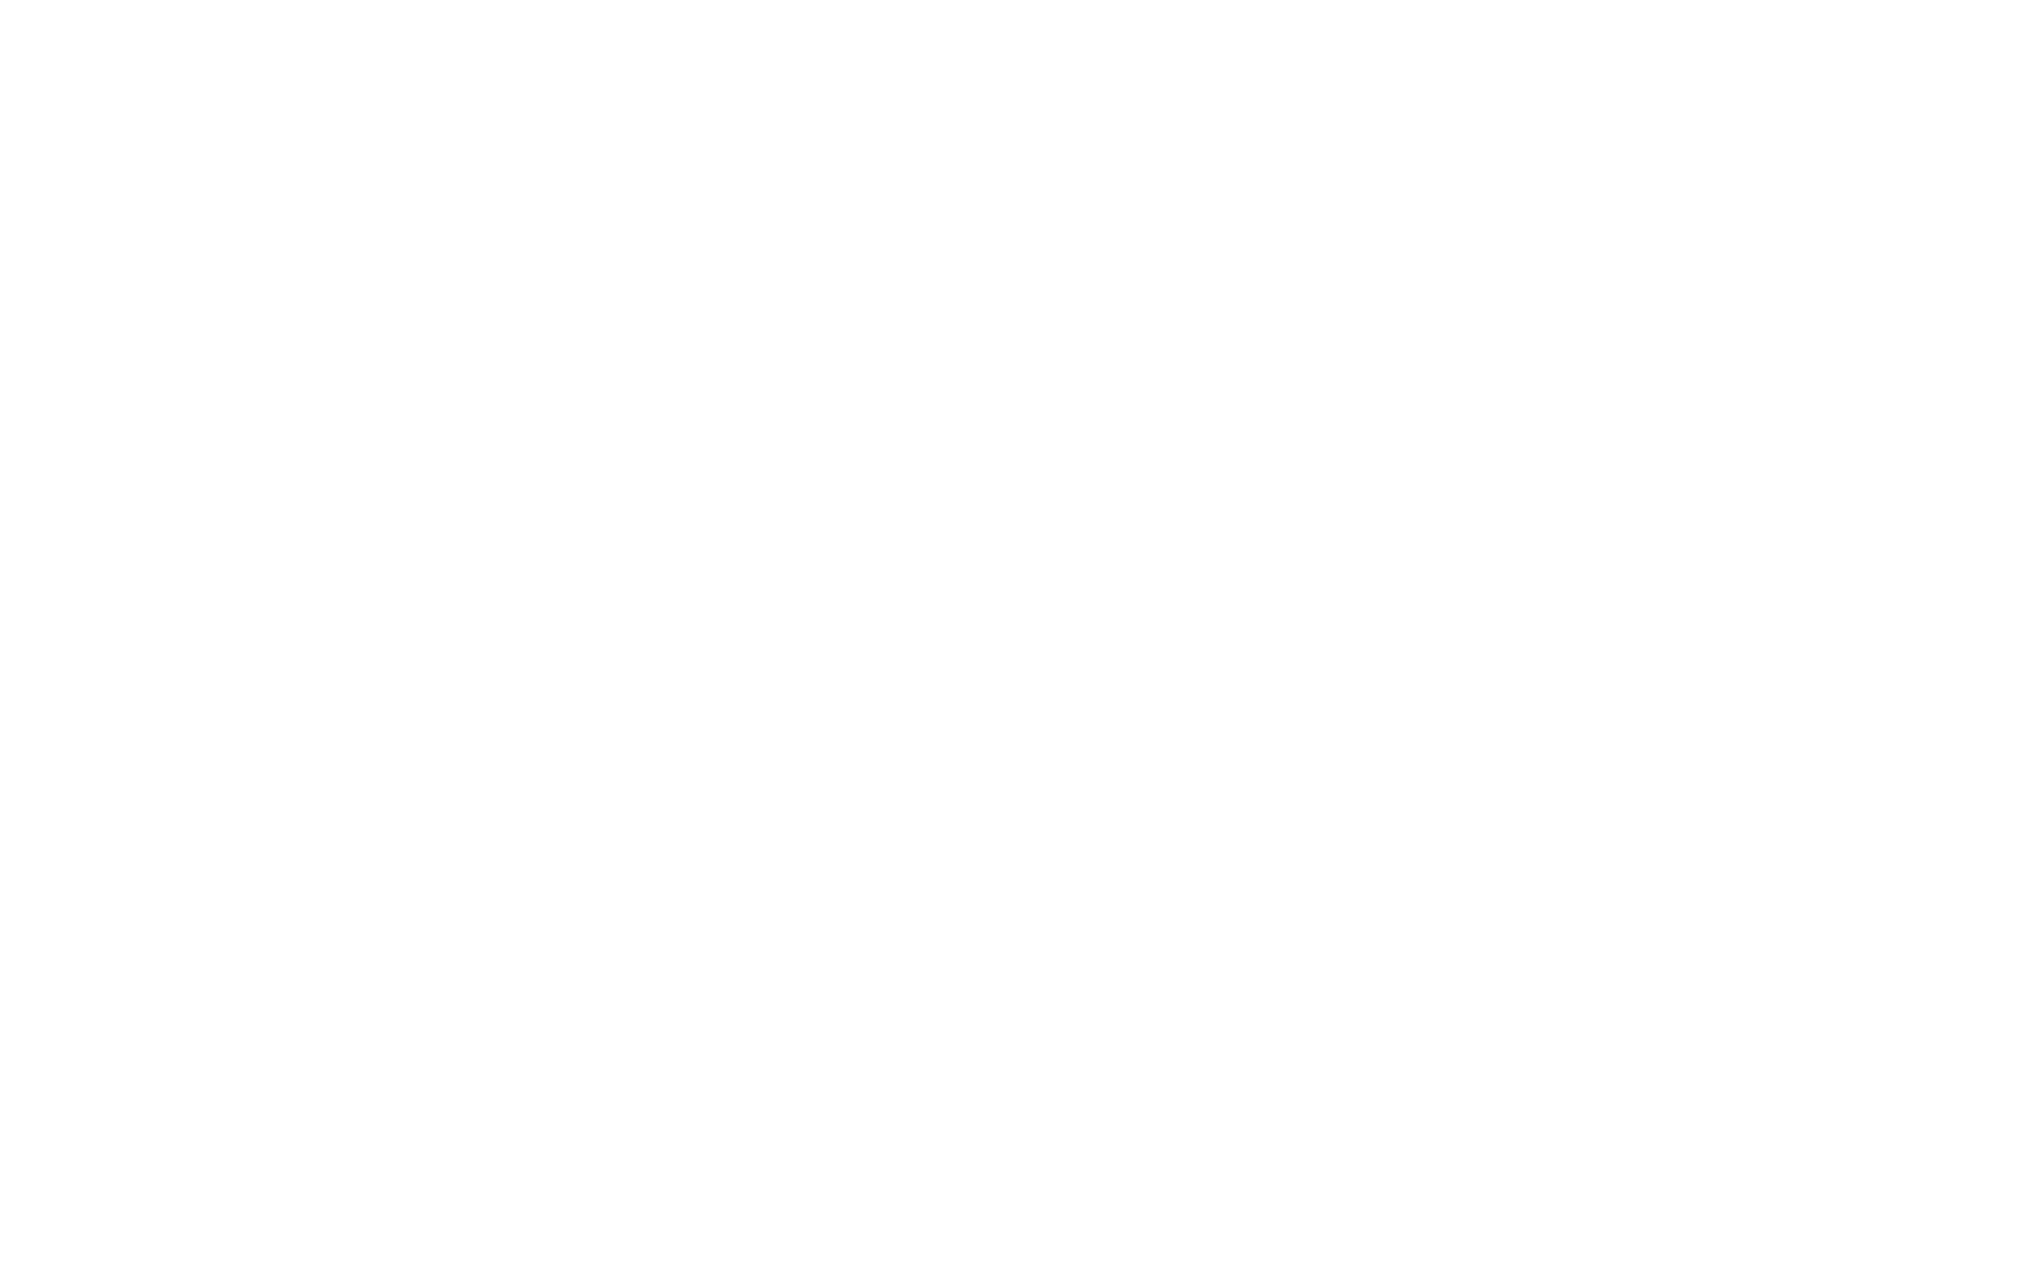 Torres Photo Studio - Estudio Fotográfico y Sesiones de Fotos en Lima, Perú